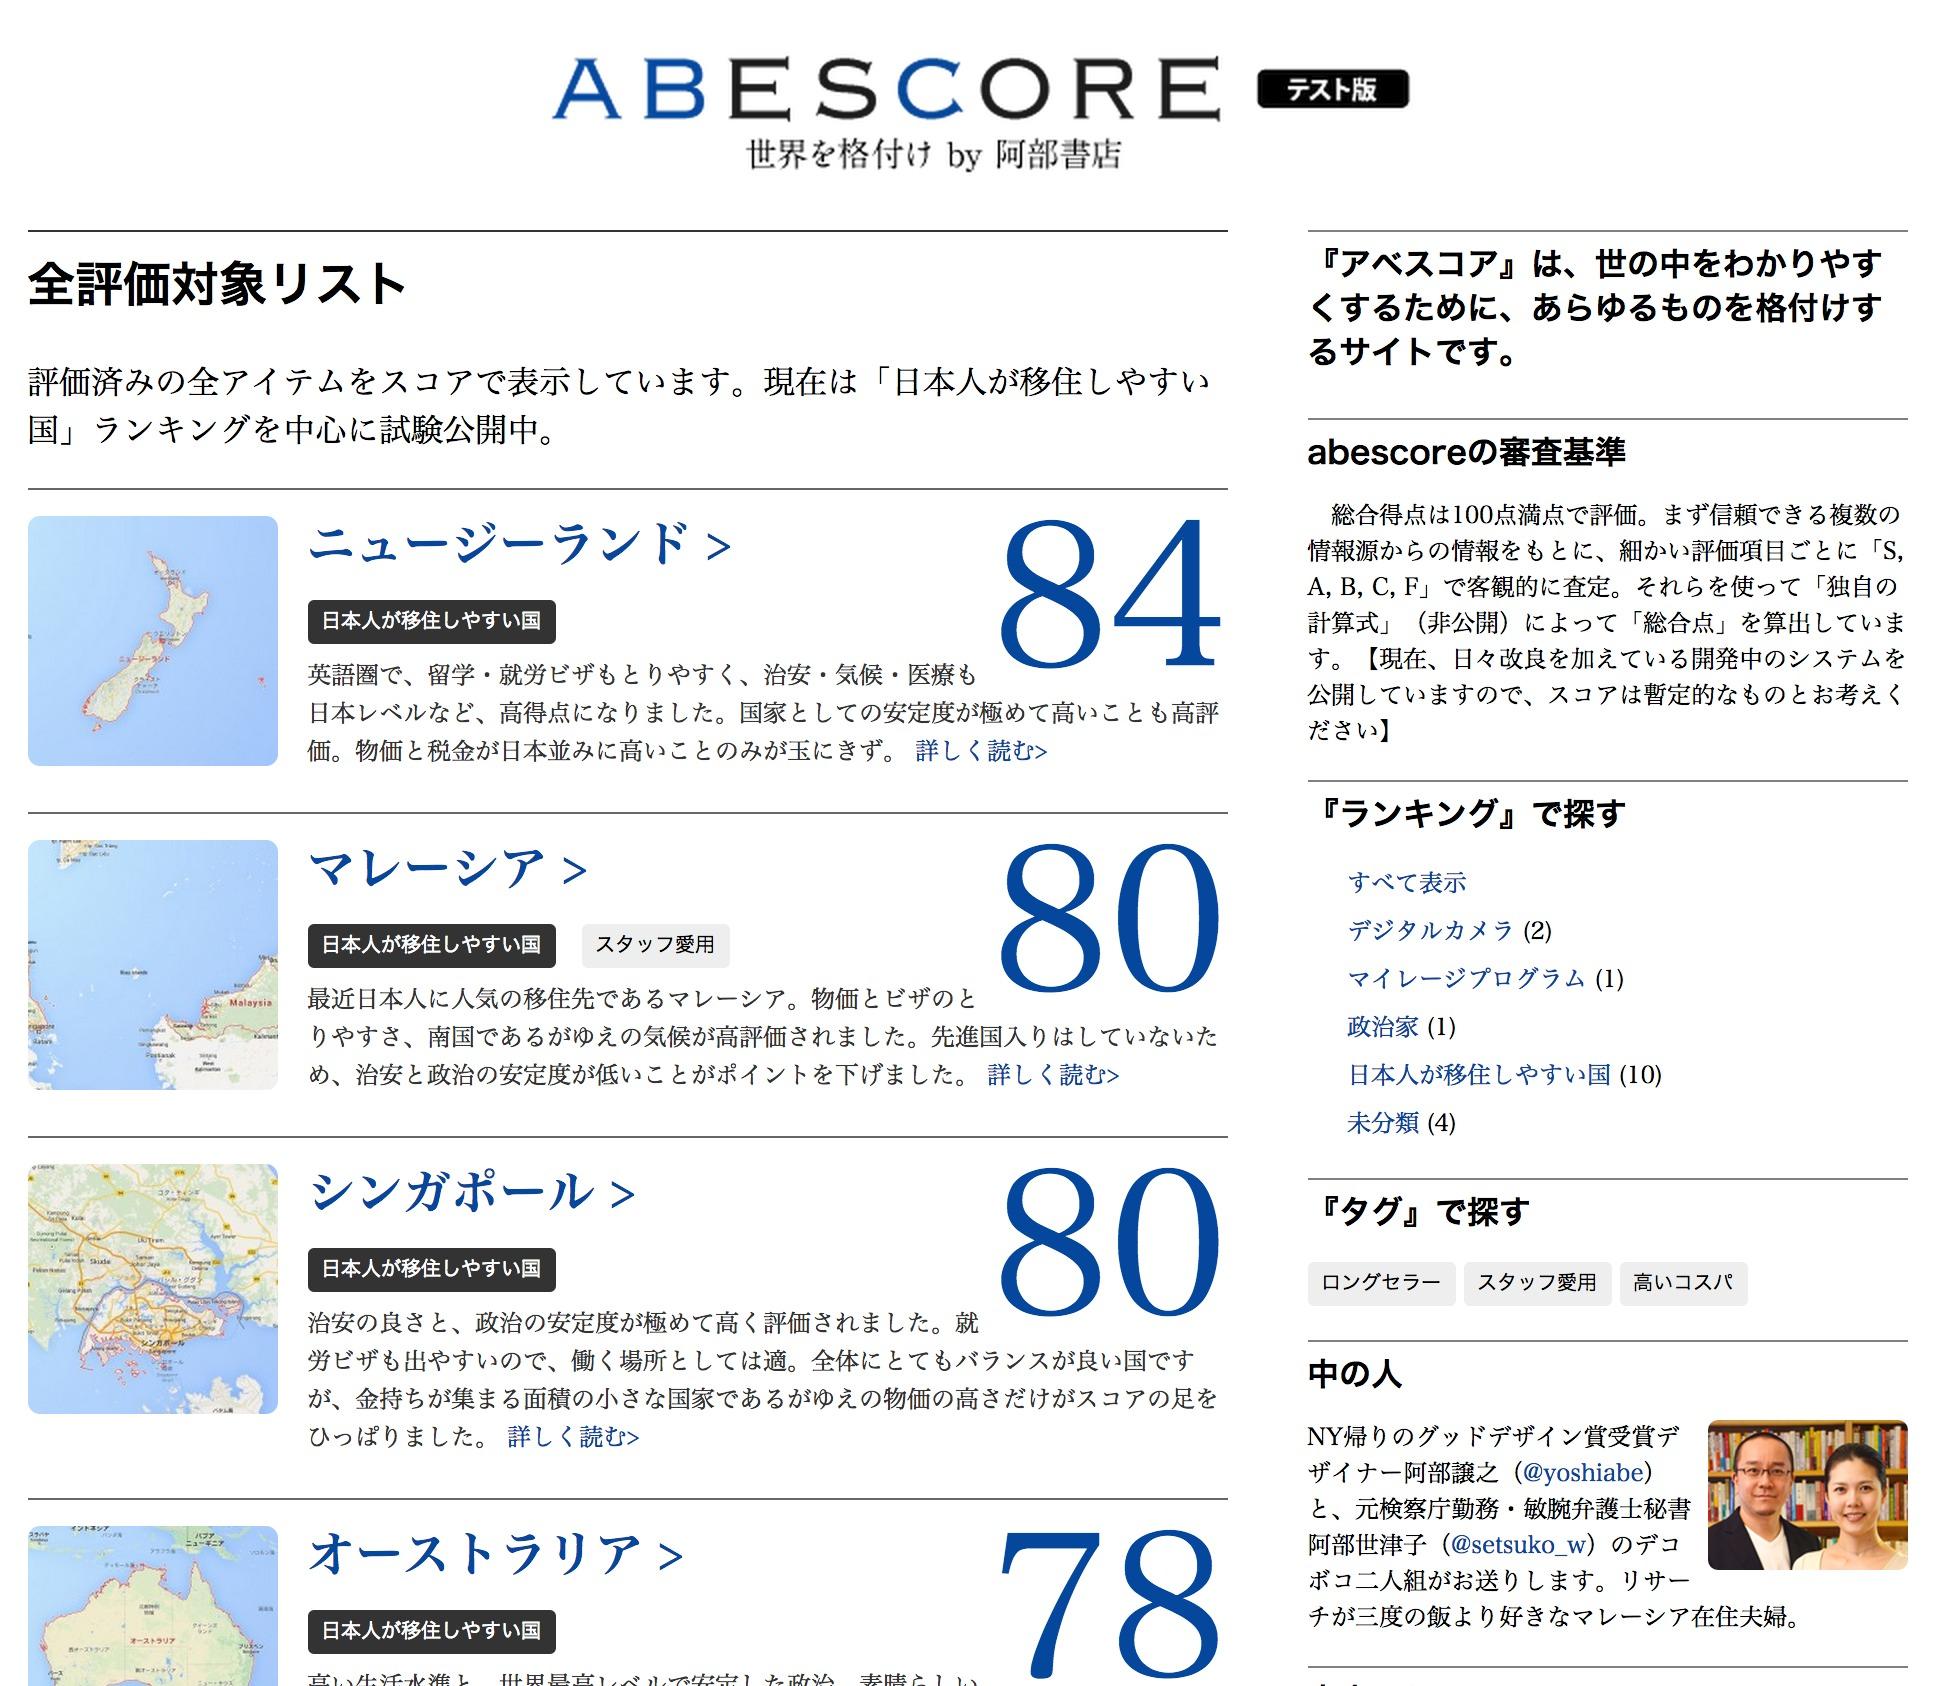 事業アイデアの実験パート2 『ABESCORE by 阿部書店』世界のすべてを格付けするサイト。これは化けるか?!